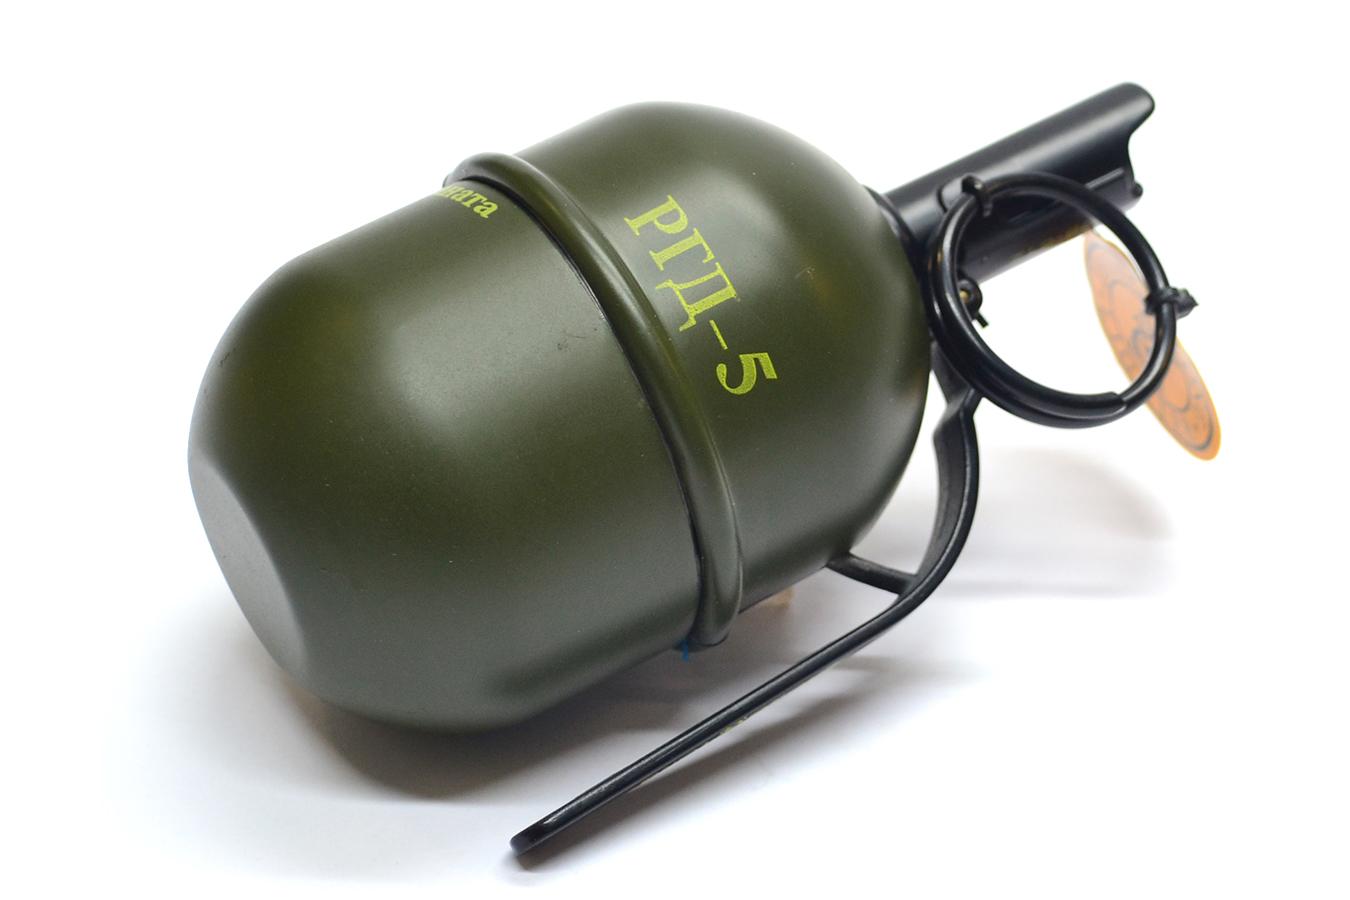 Зажигалка граната РГД-5 изображение 1